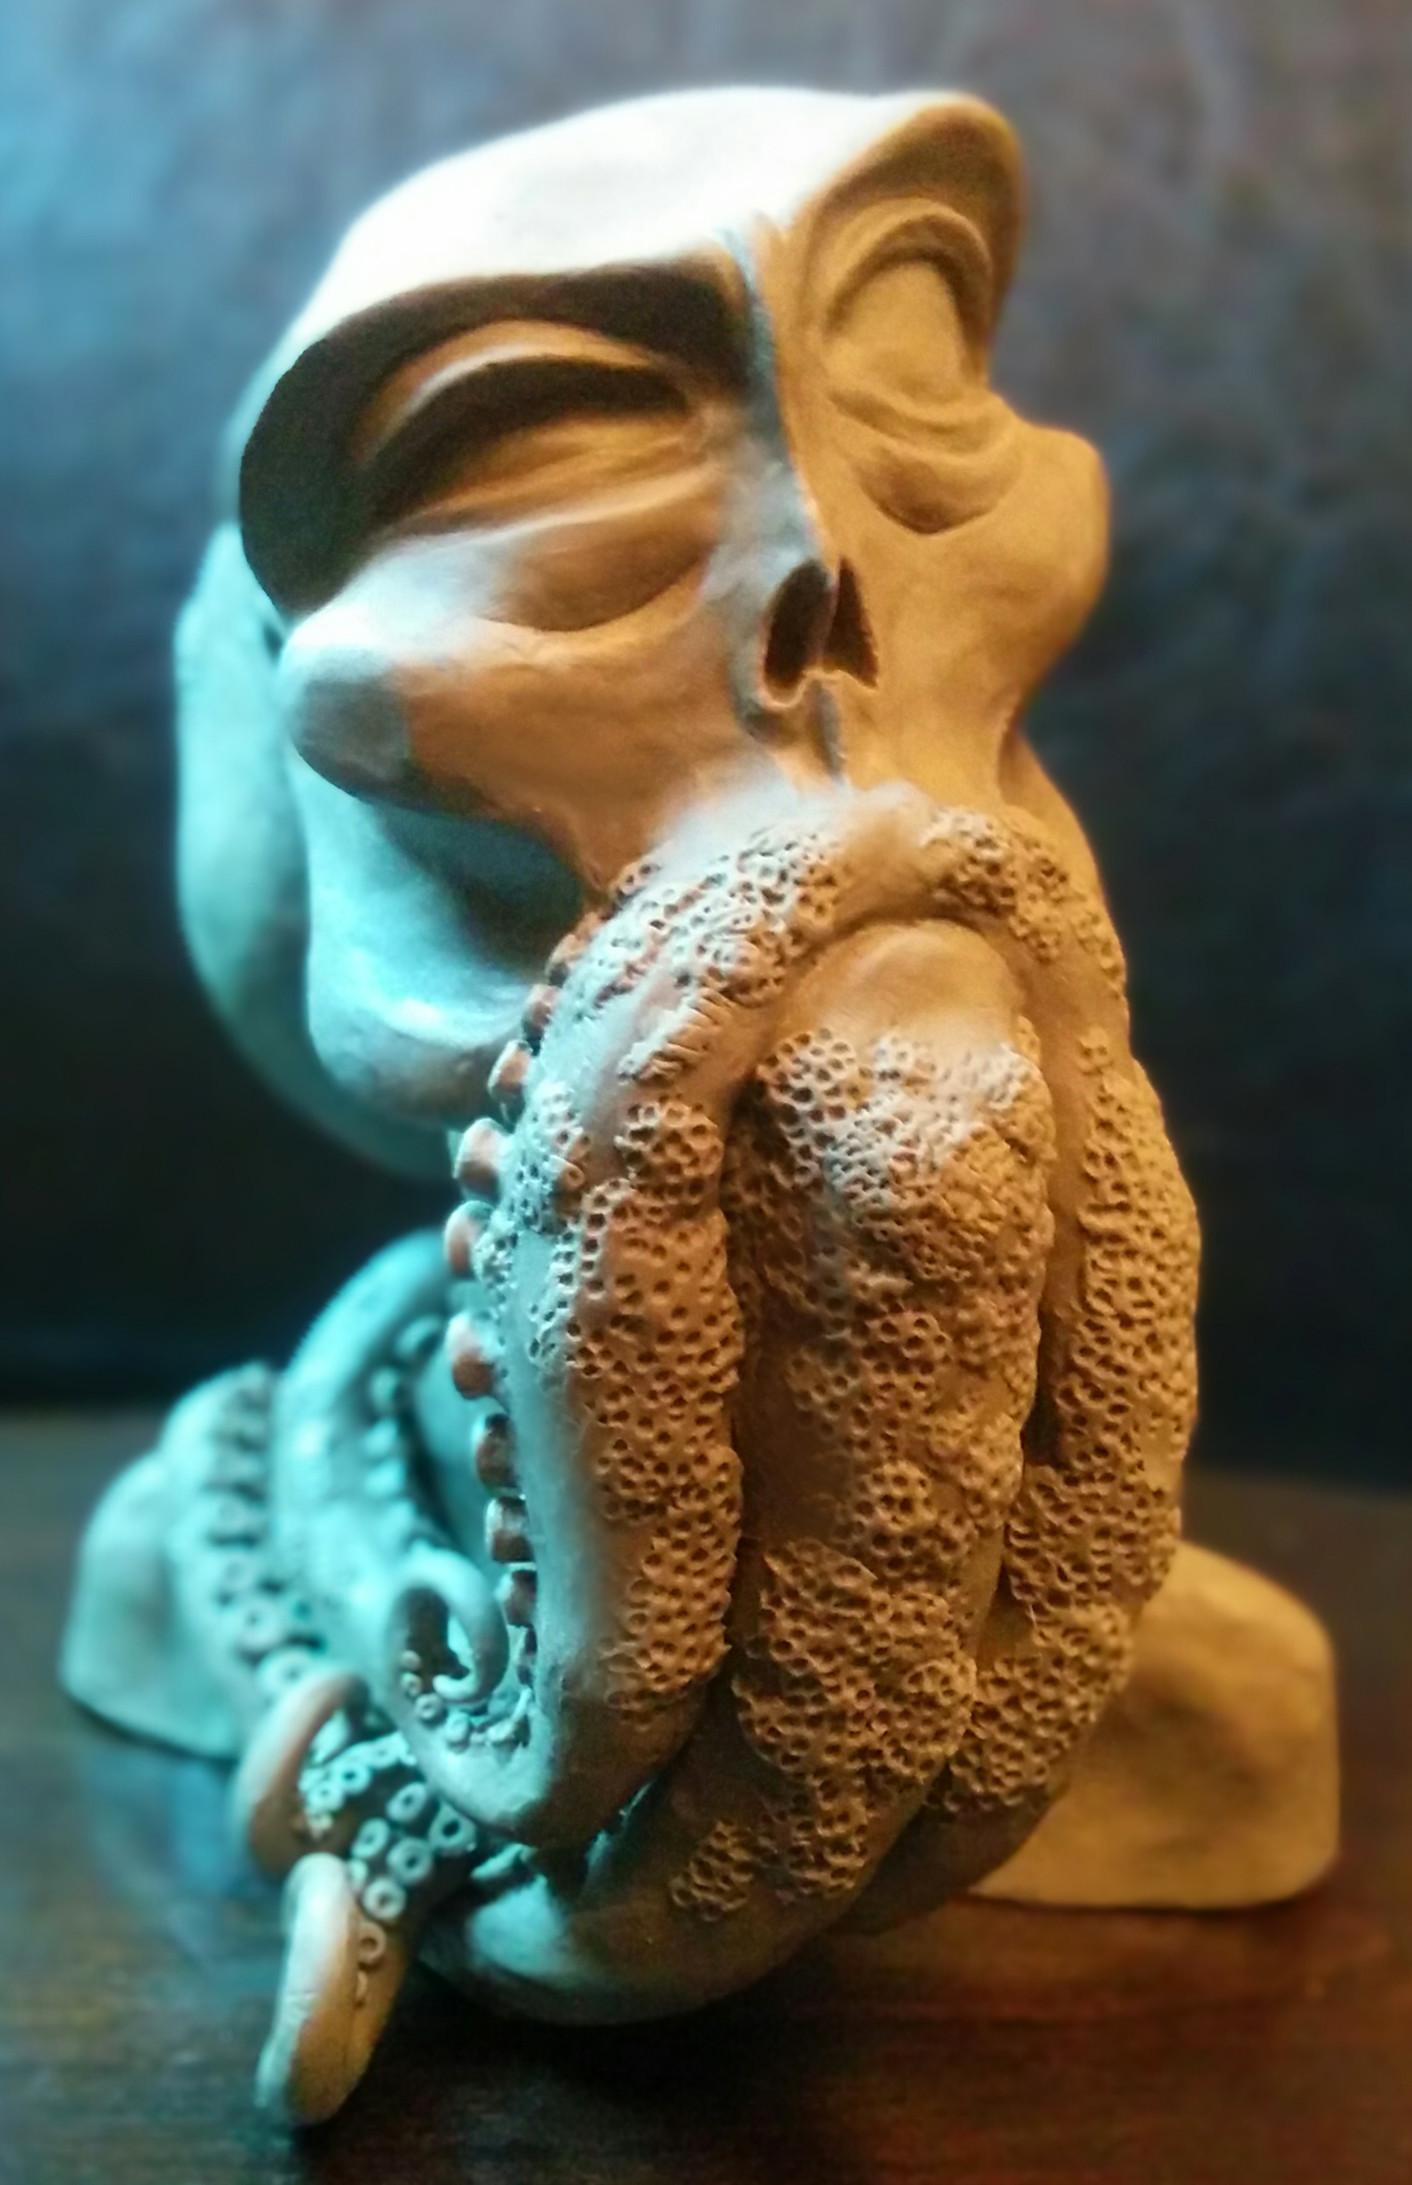 Kaylie benner sculpt01